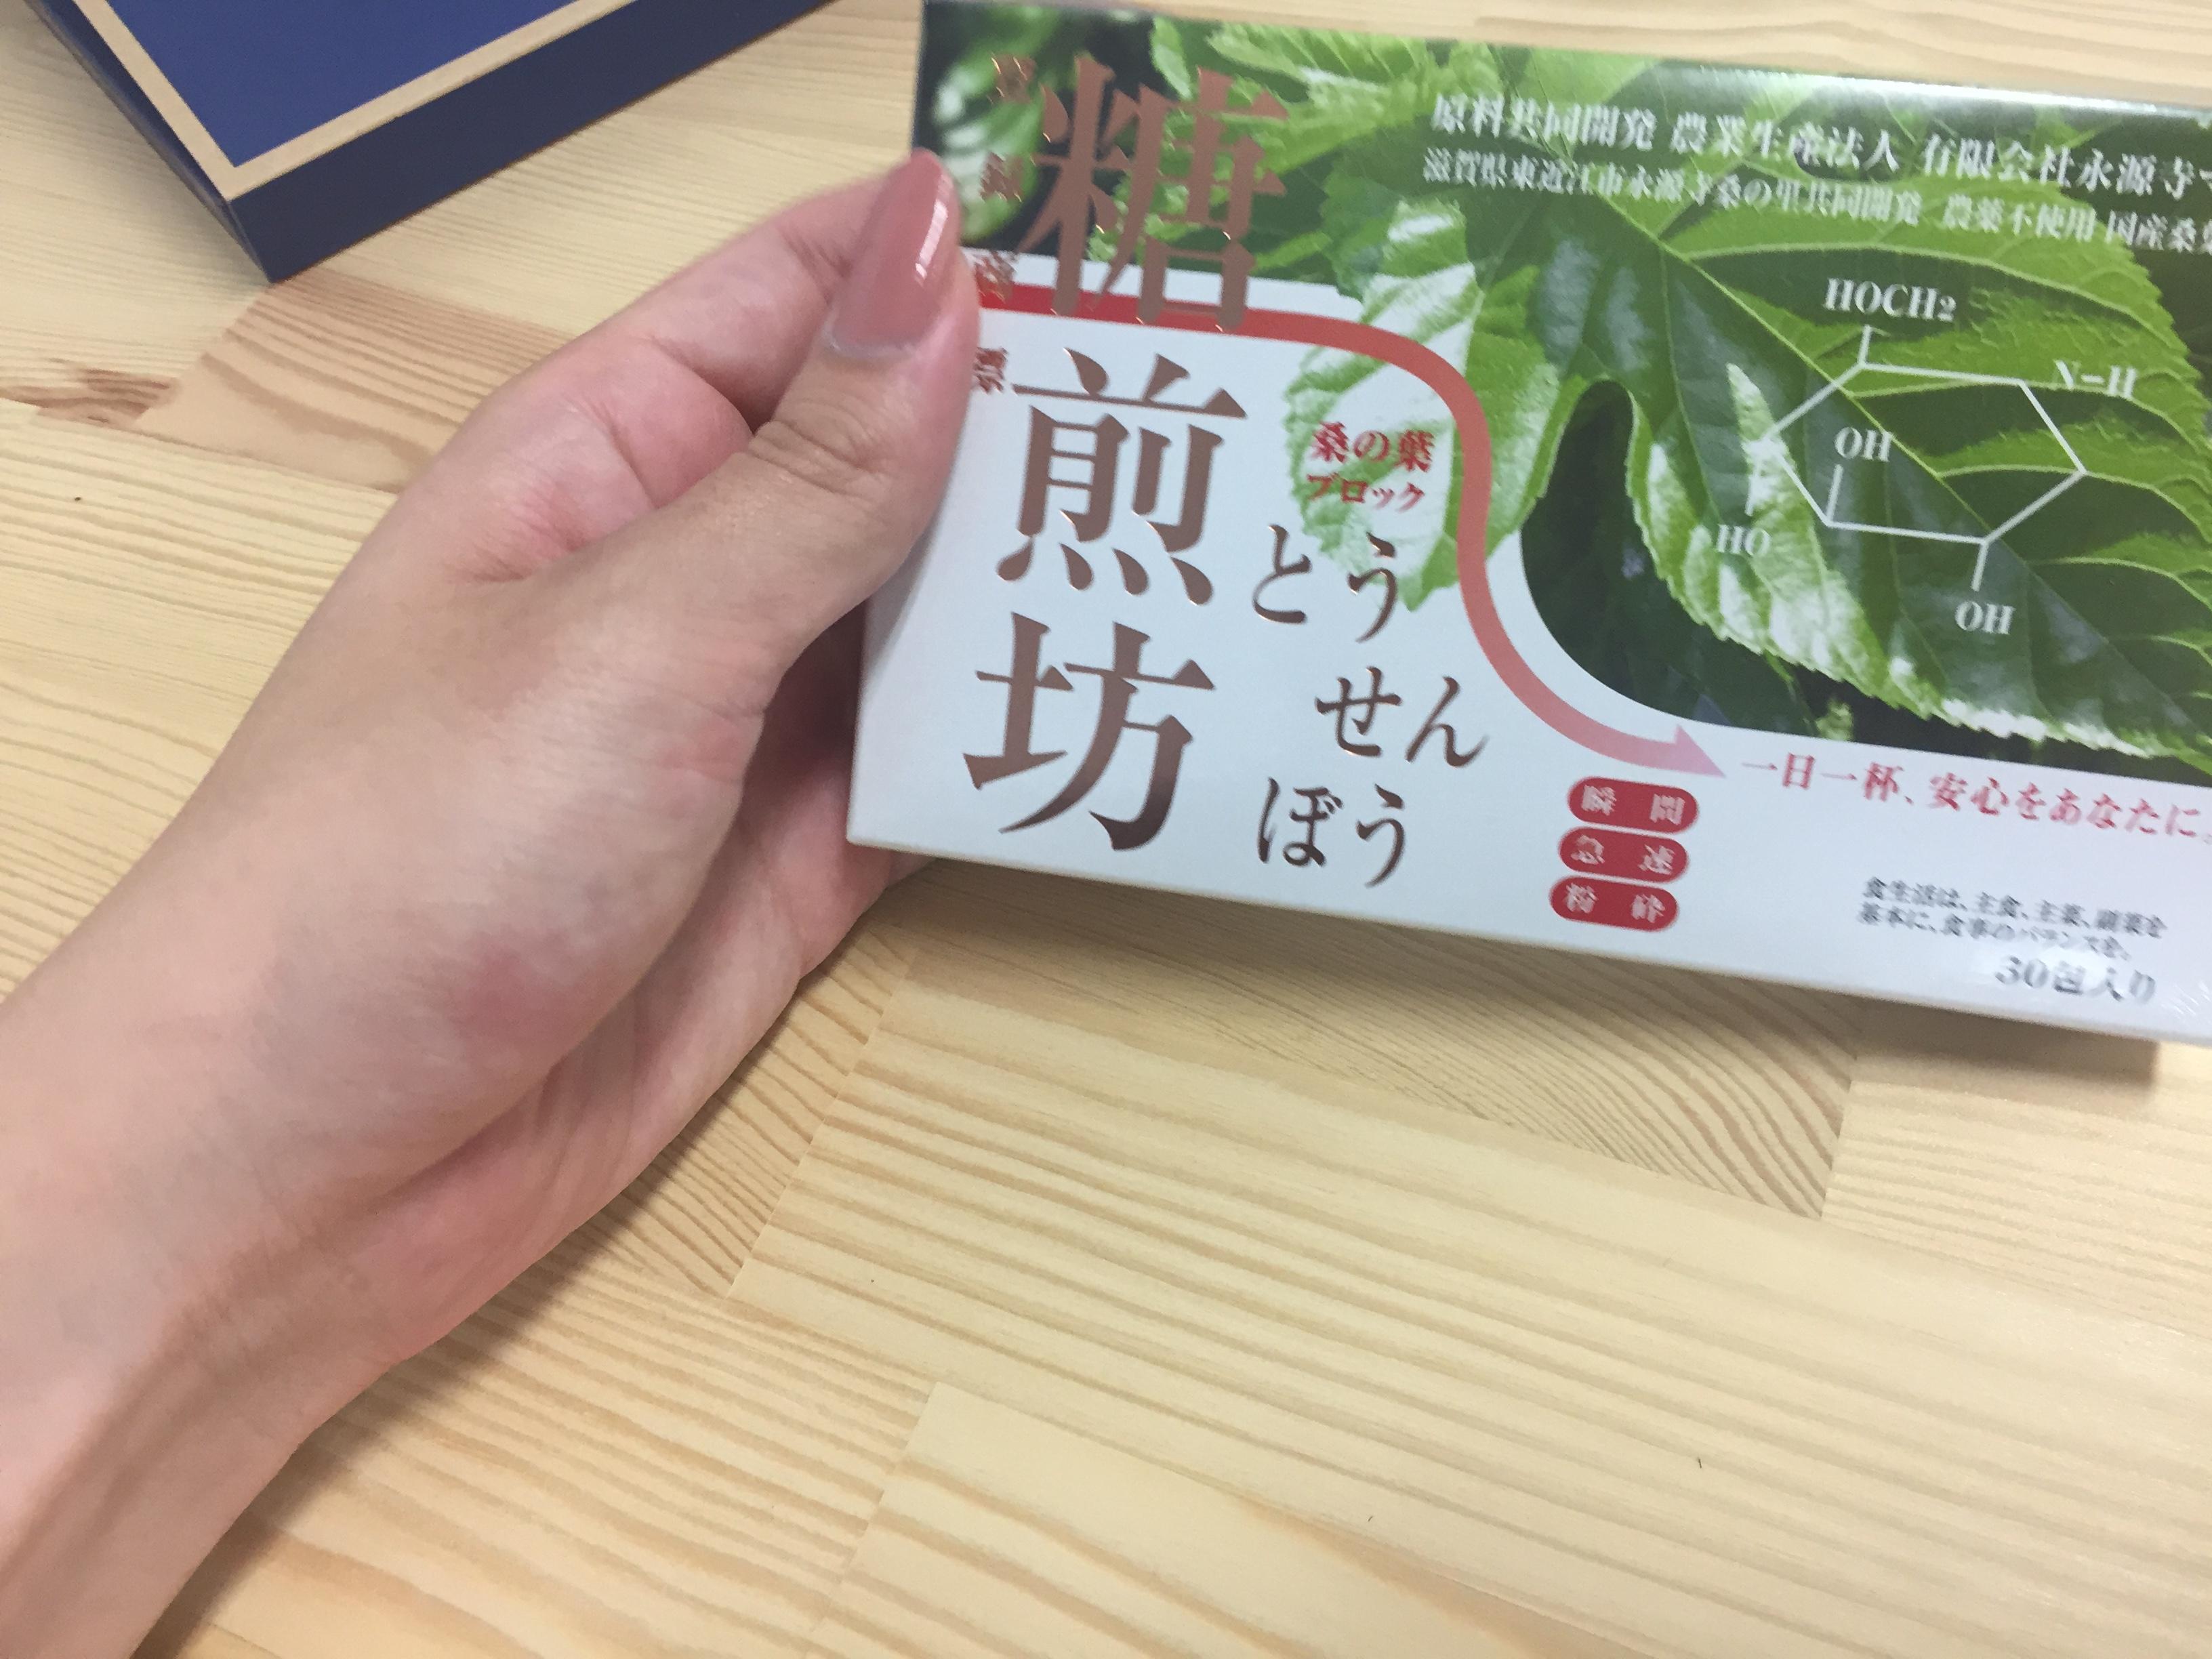 【広告】糖煎坊 の紹介 by おっさん